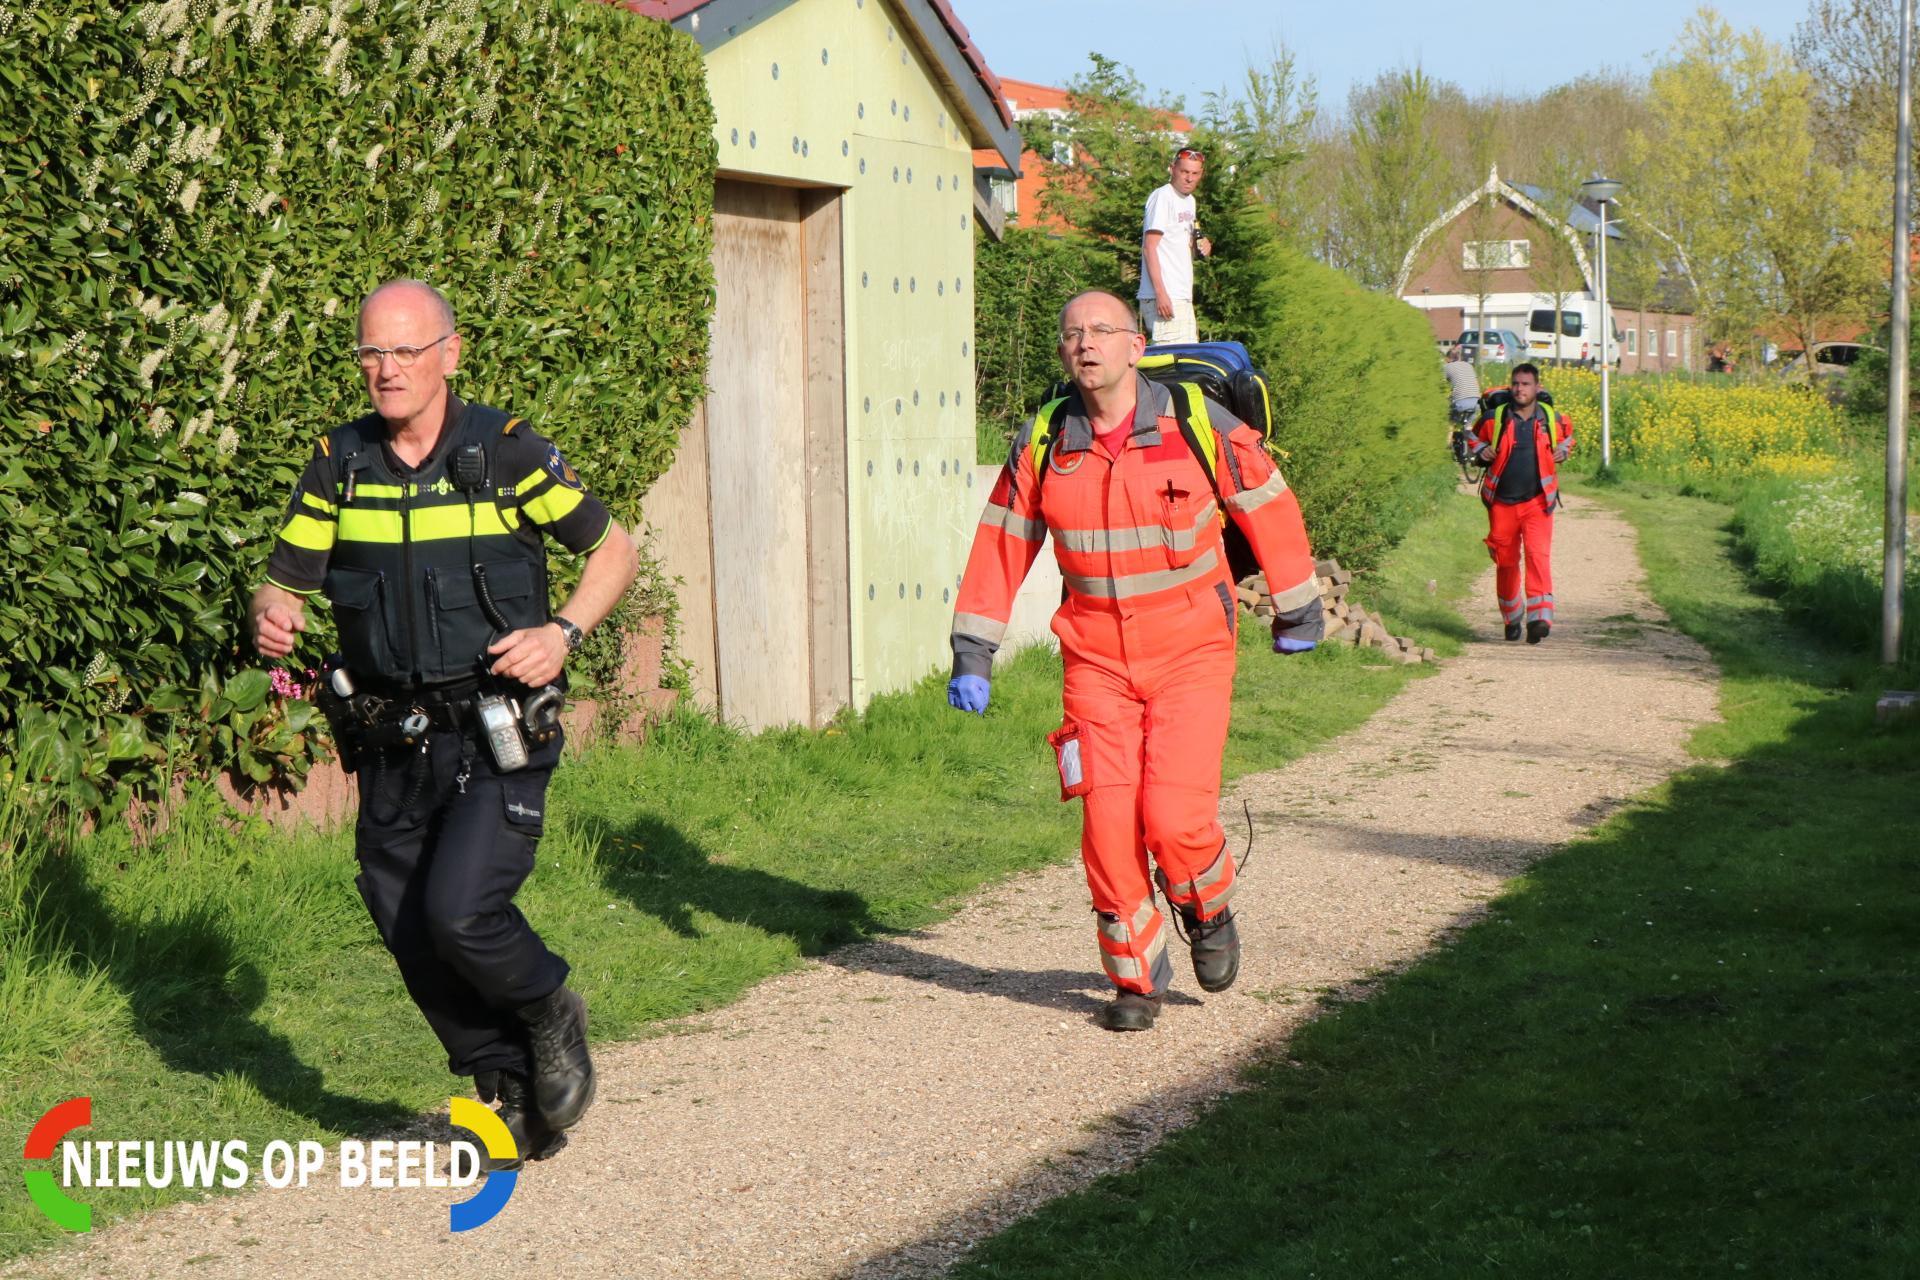 Traumahelikopter opgeroepen voor medische noodsituatie Schoolstraat Abbenbroek